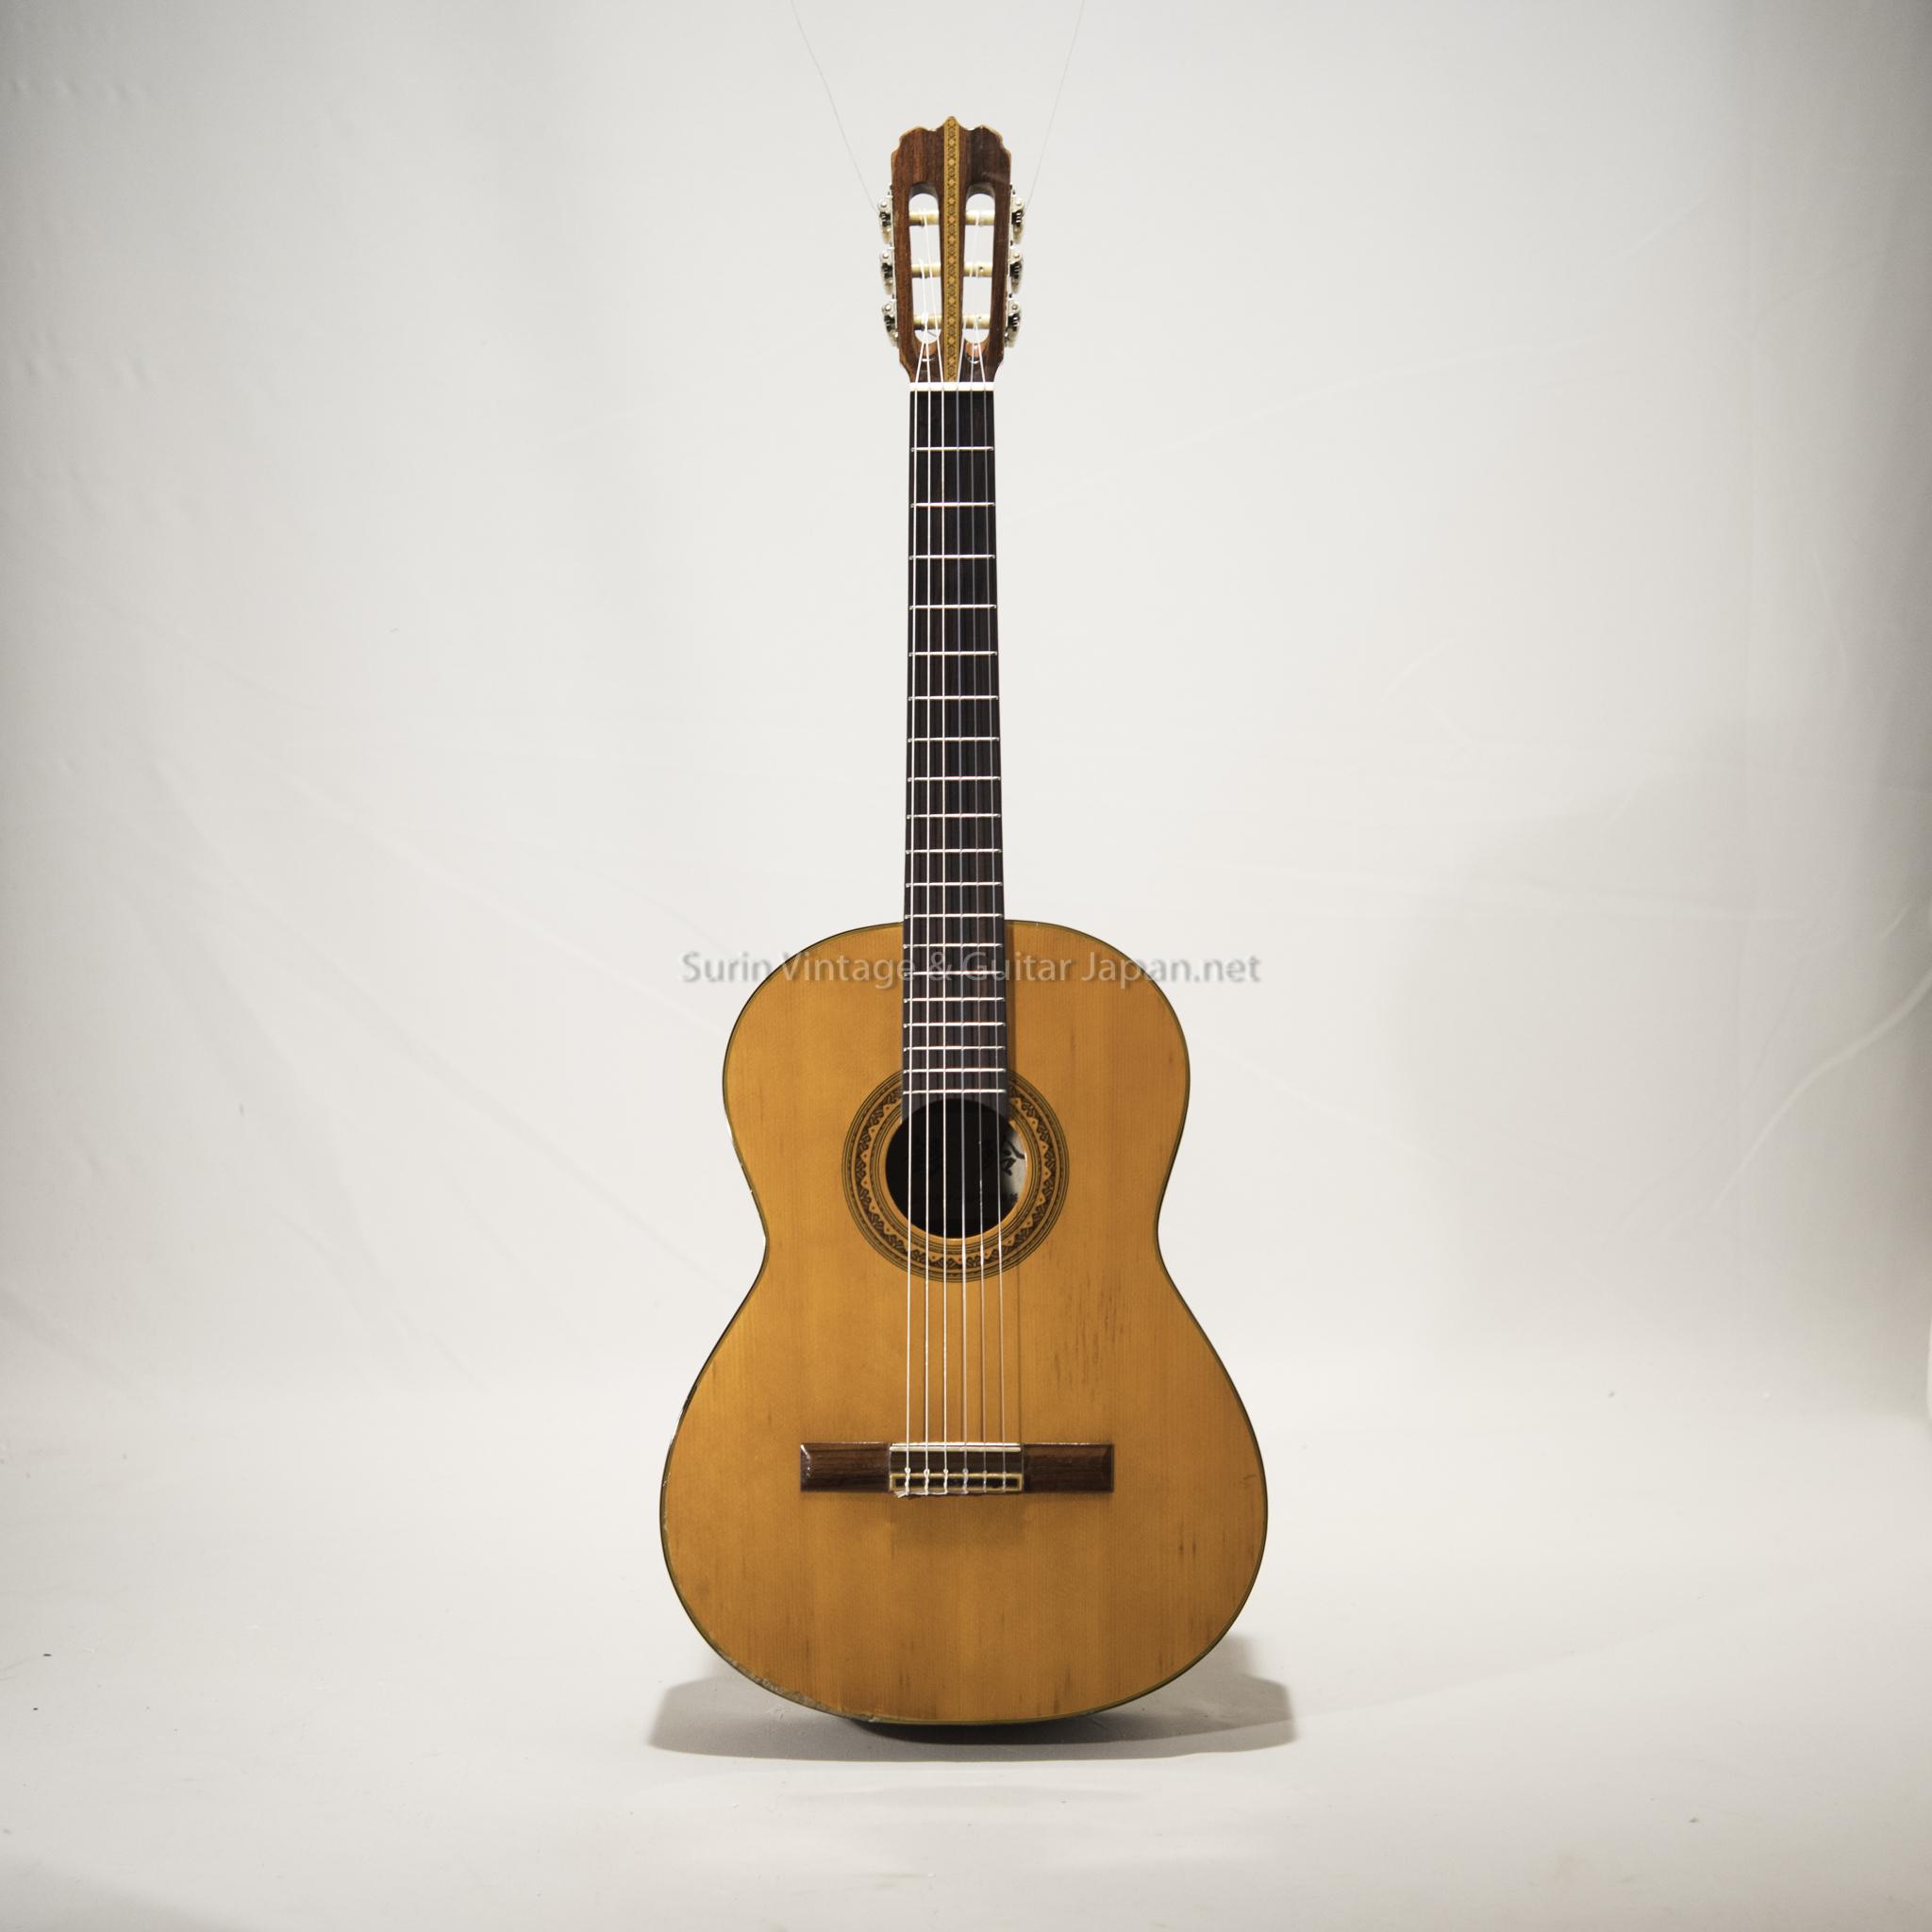 กีต้าร์คลาสสิคมือสอง Classic Guitar Vintage japan No.10